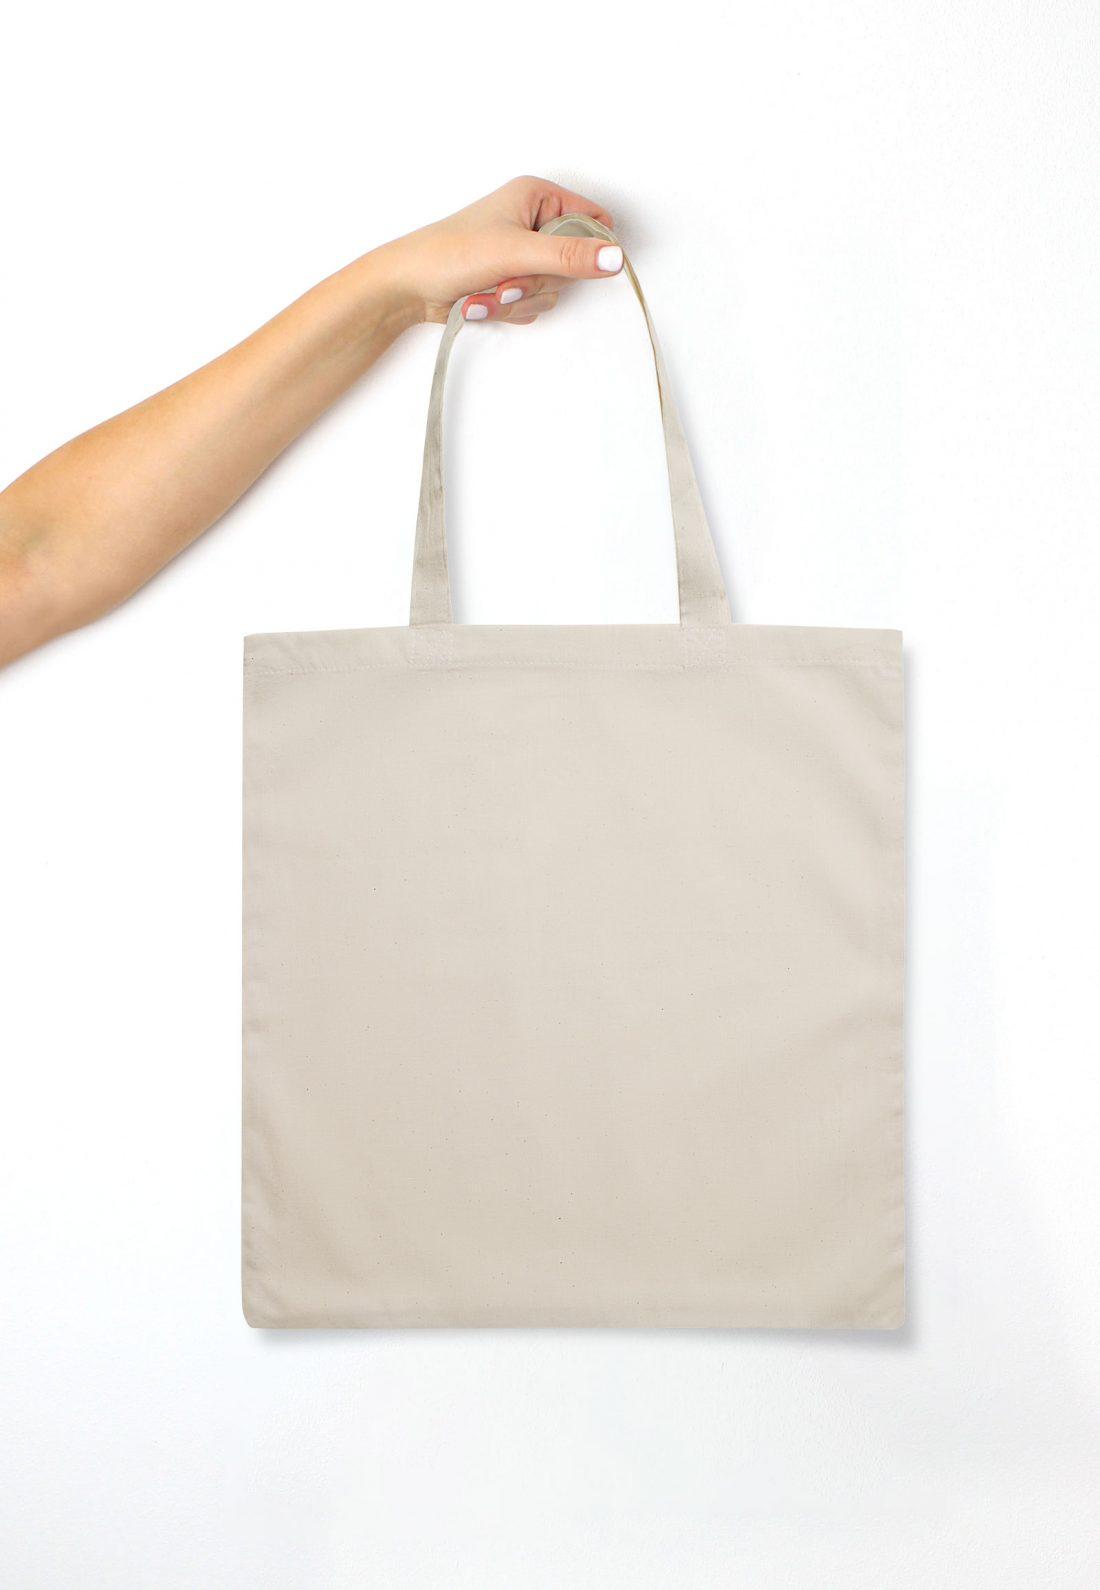 Promotivna pamučna eco torba za kupovinu Marketa +